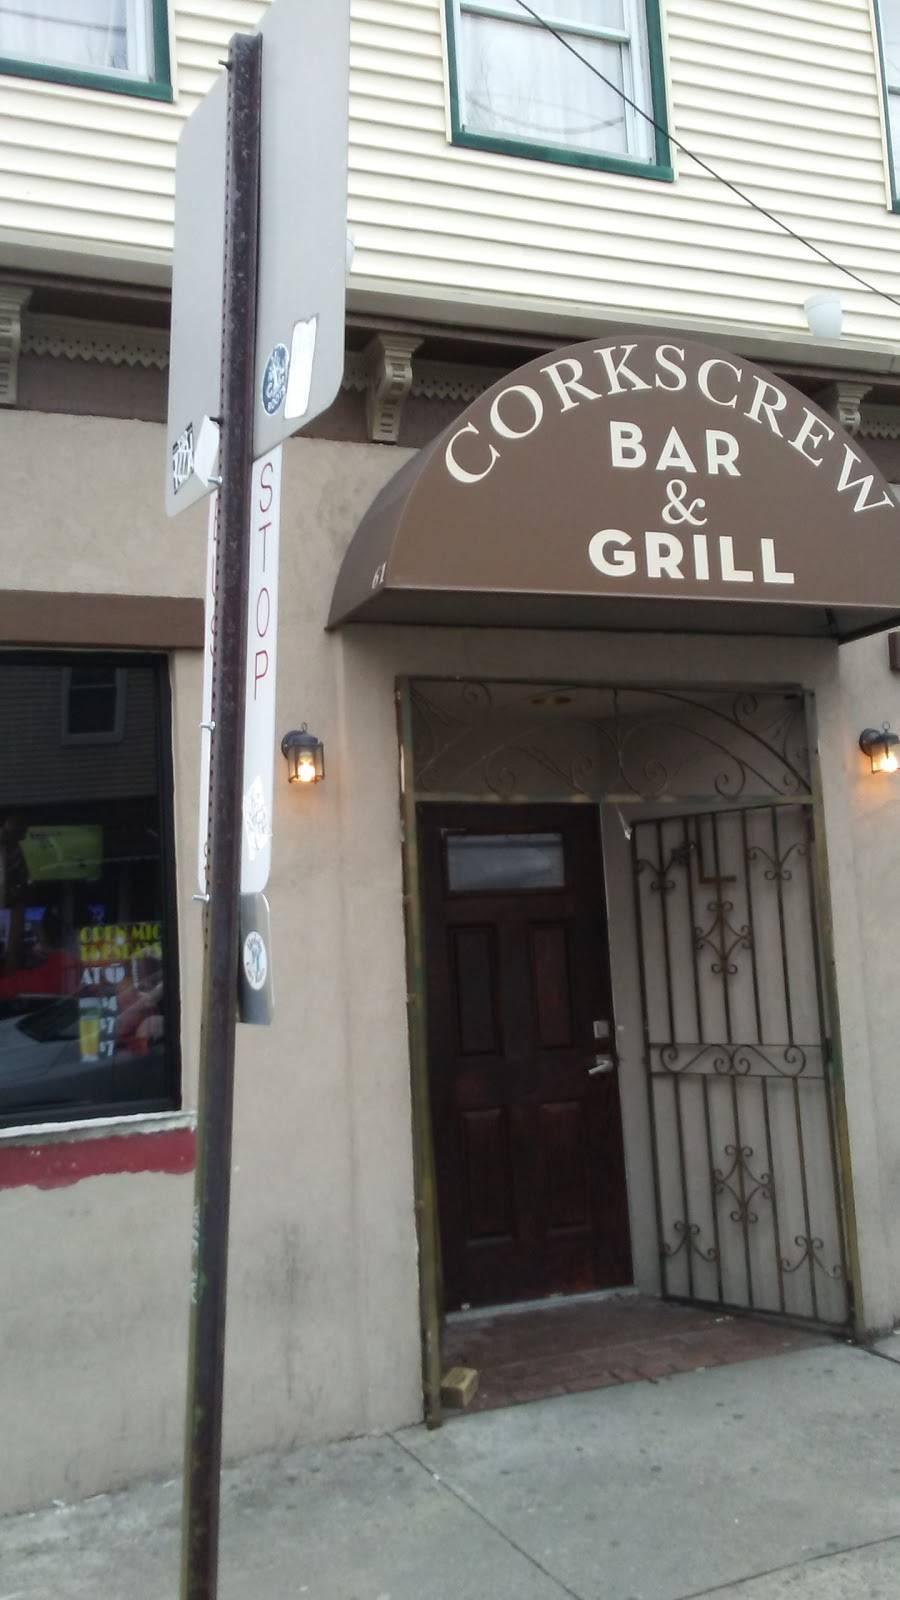 Corkscrew Bar | restaurant | 61 Congress St, Jersey City, NJ 07307, USA | 2012390087 OR +1 201-239-0087